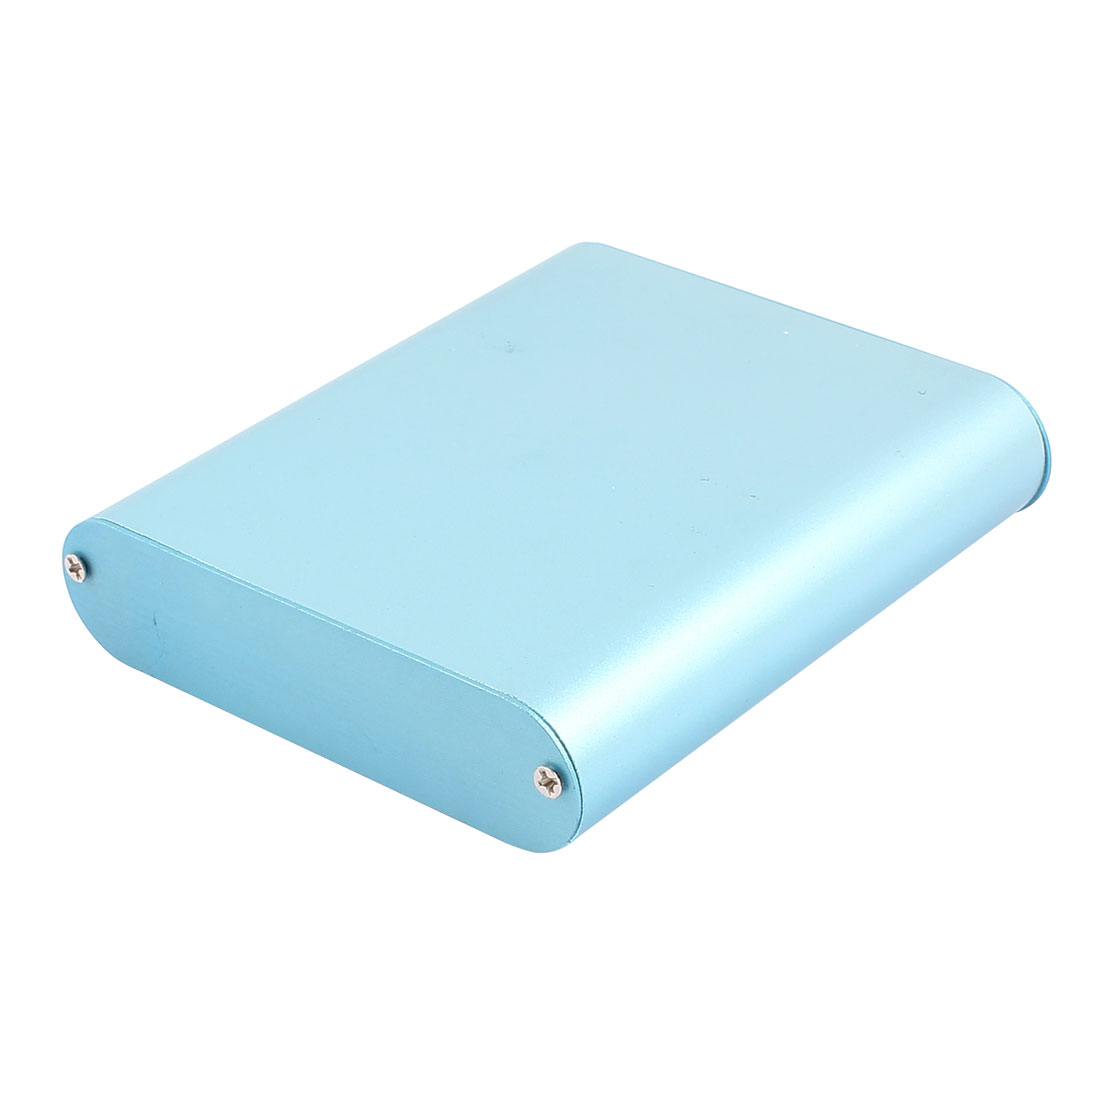 122 x 108 x 26mm Multi-purpose Electronic Extruded Aluminum Enclosure Case Blue